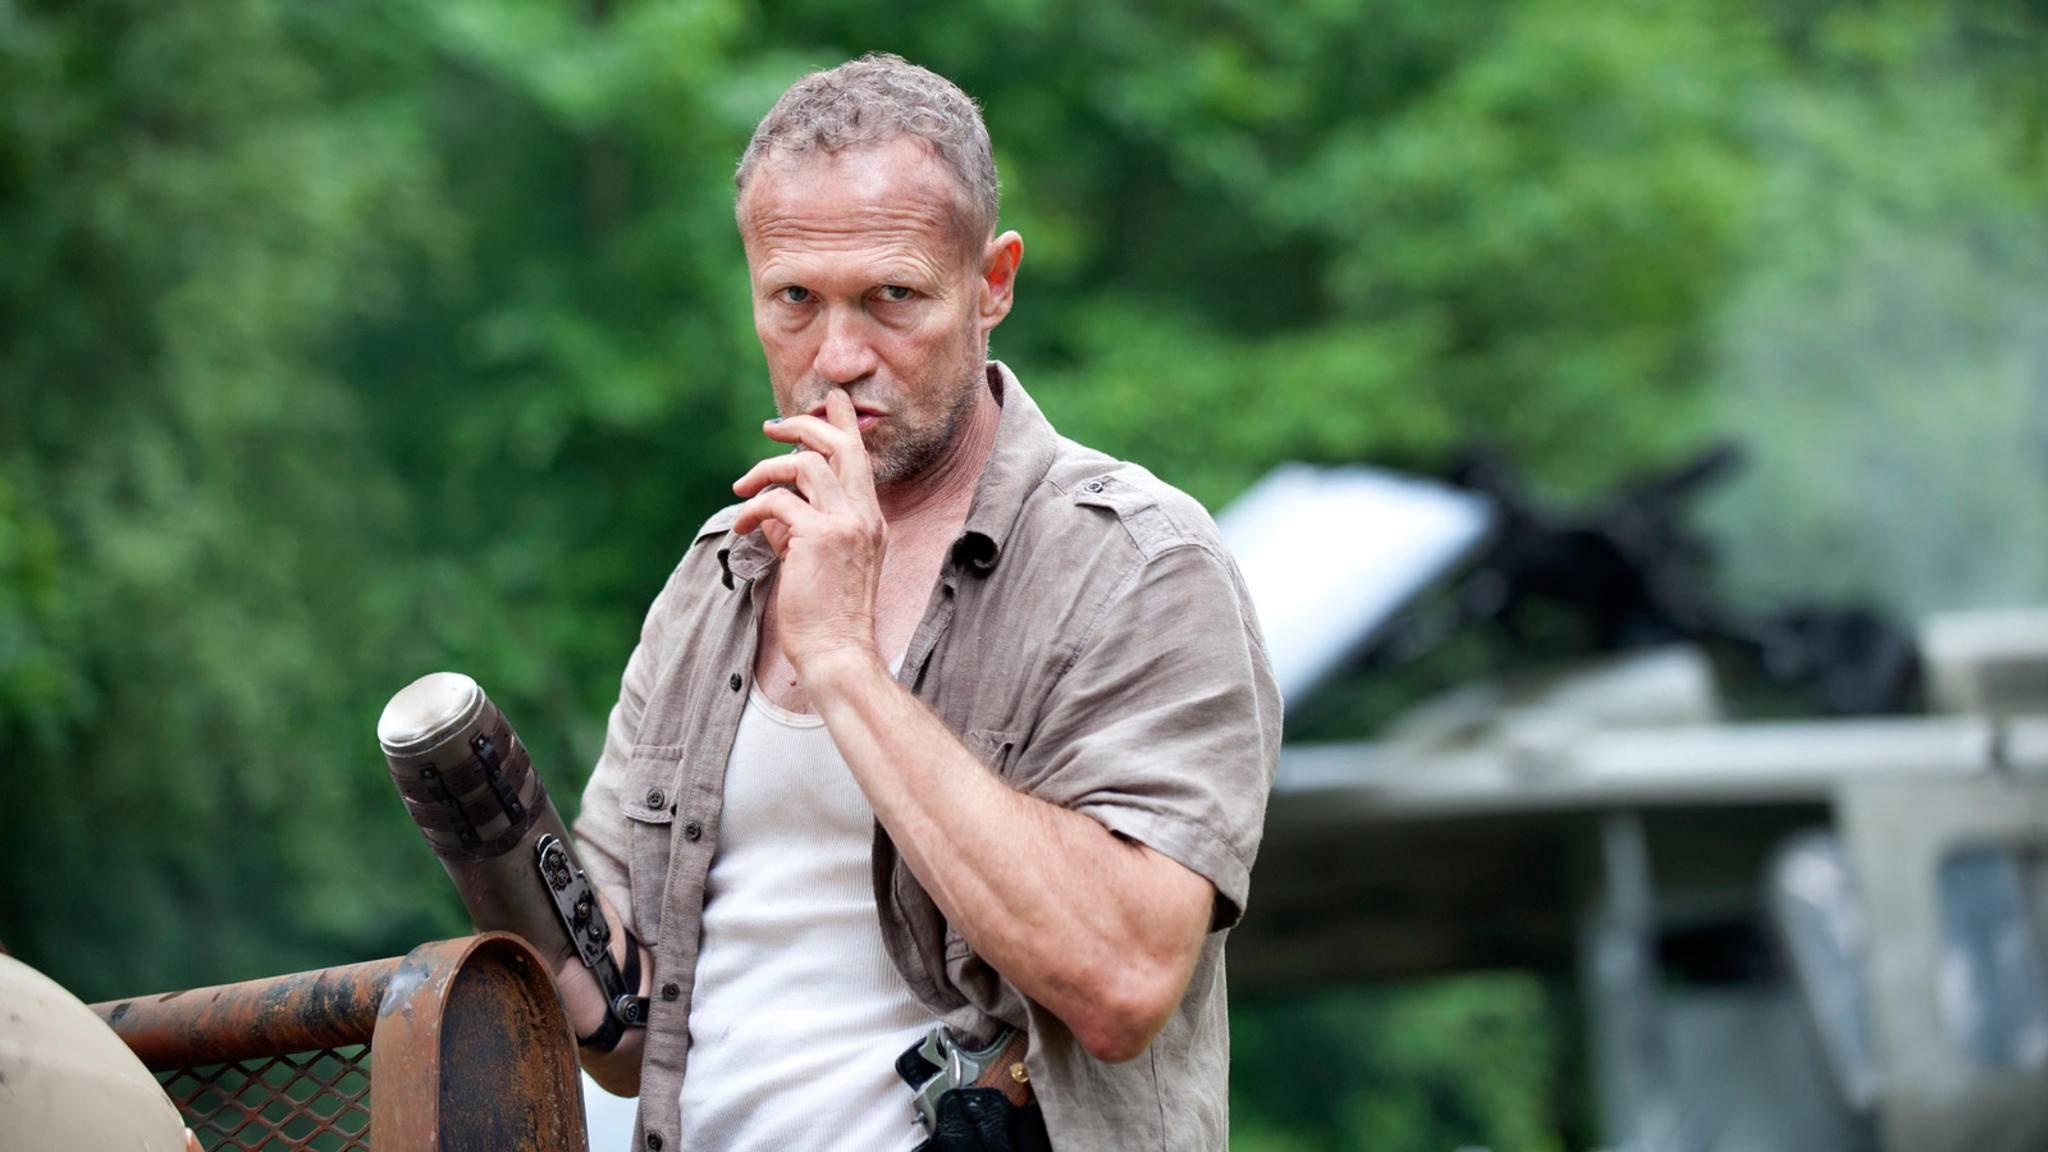 """In """"The Walking Dead"""" gab Michael Rooker den Fiesling Merle. Ob er auch in """"Fast & Furious 9"""" zum Bösewicht wird?"""